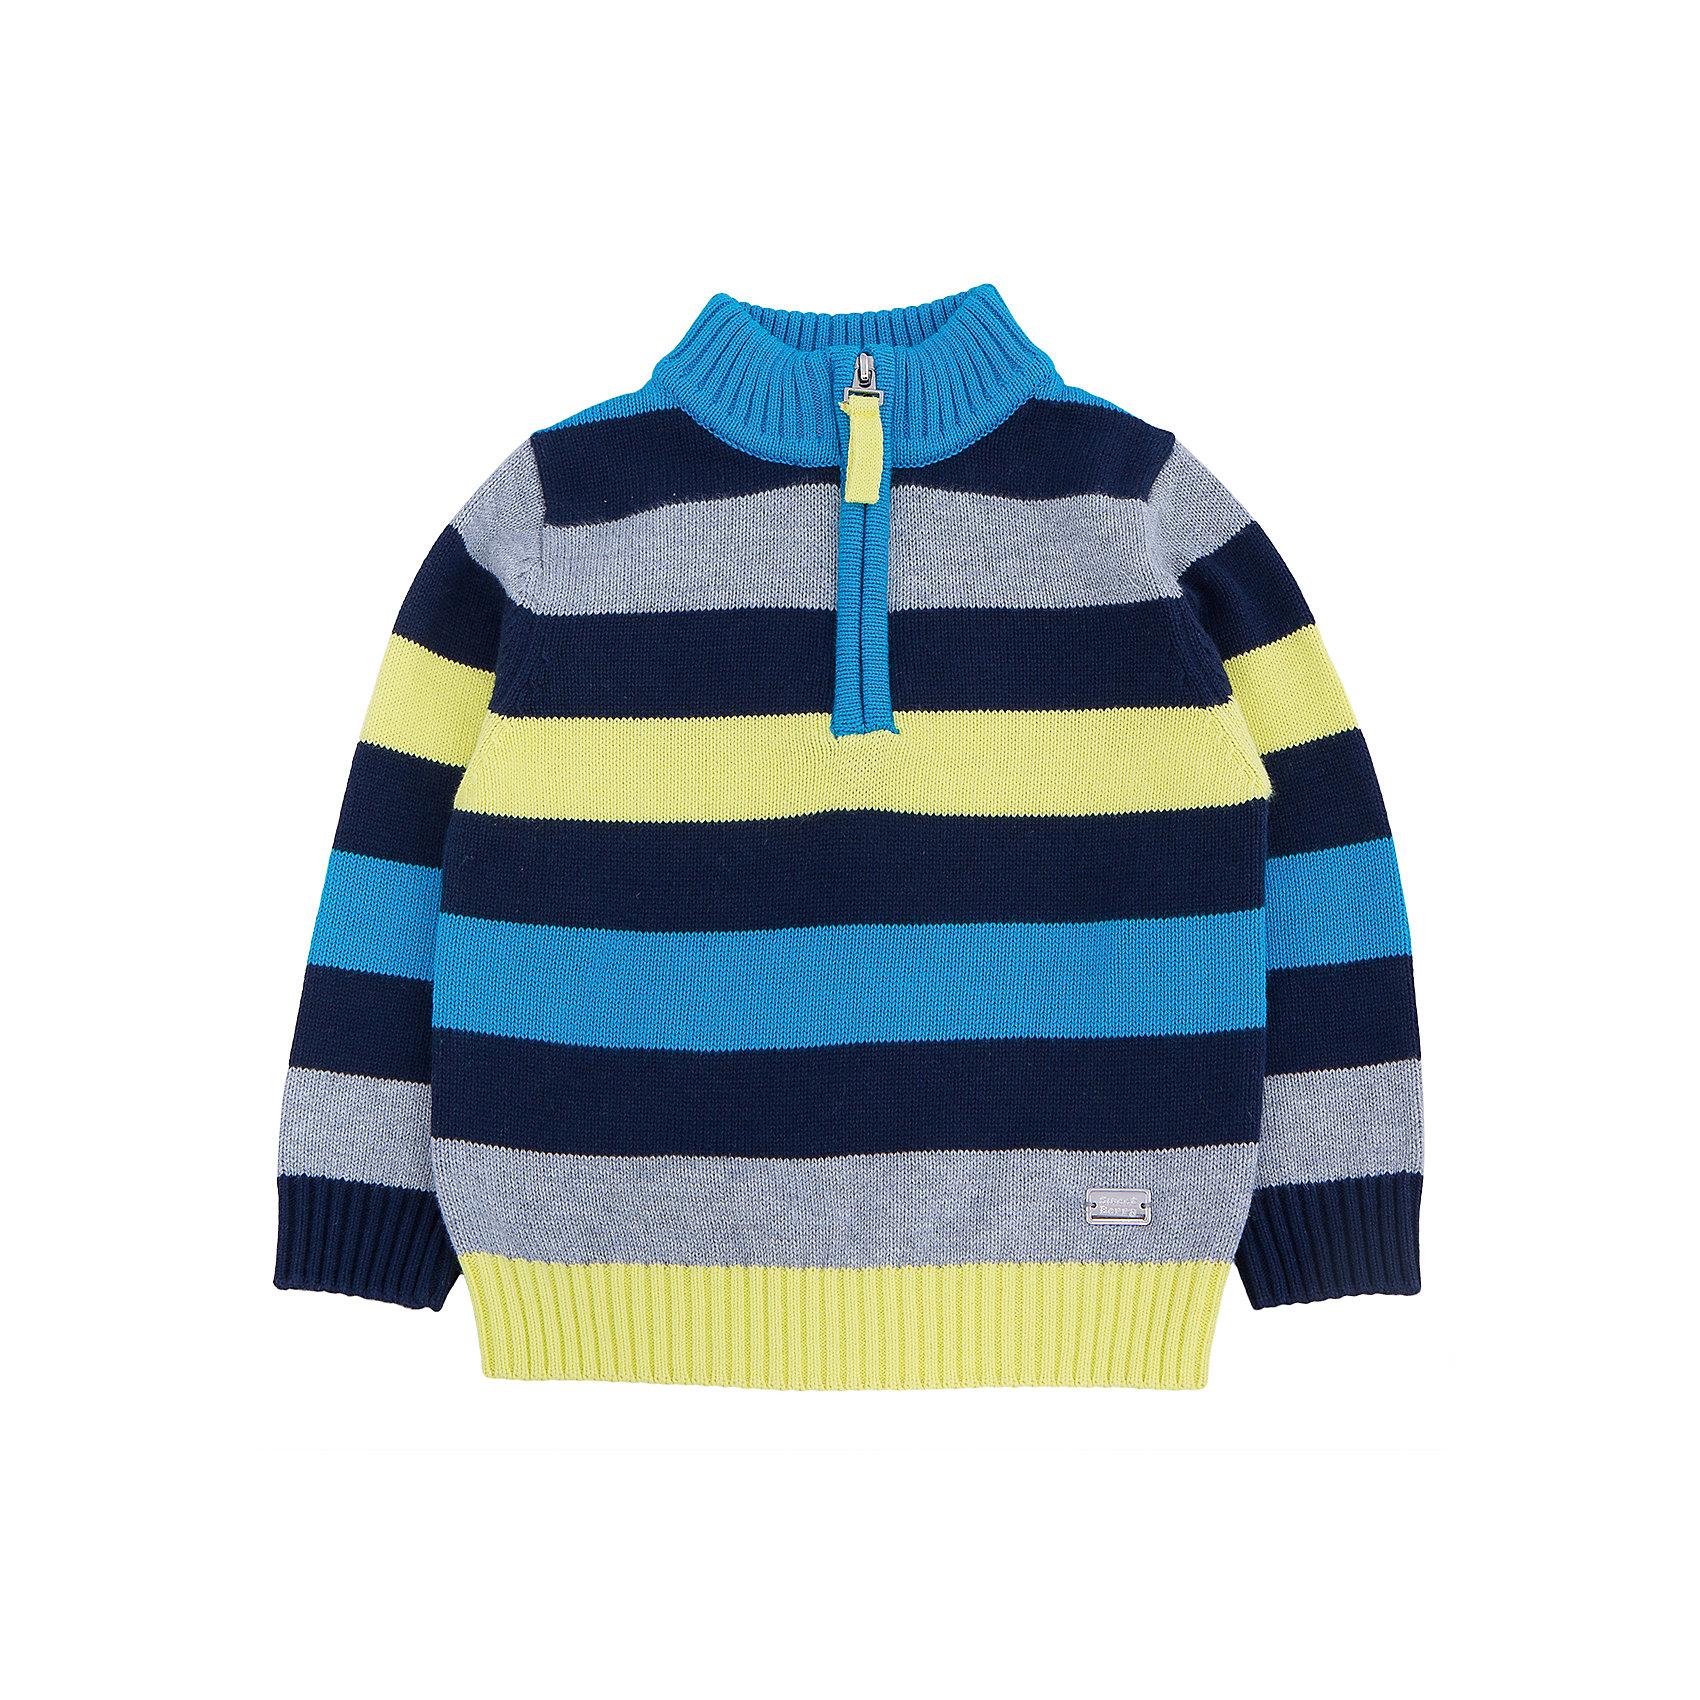 Свитер для мальчика Sweet BerryСтильный яркий свитер в широкую  полоску популярной торговой марки Sweet Berry. У модели предусмотрено  высокое горло, которое при желании  можно  чуть расстегнуть /застегнуть застежкой  молнией. Изделие выполнено из 100% хлопка, что позволяет коже ребенка дышать и в любую погоду чувствовать себя комфортно. Свитер можно сочетать с другими вещами данной марки.<br><br> Дополнительная информация:<br><br>- комплектация: свитер<br>- материал: 100% хлопок<br>- страна бренда: Италия<br>- страна производства: Китай<br>- коллекция: осень-зима 2016<br>- сезон: зима<br>- пол: для мальчиков<br>- возраст: детский<br>- цвет: синий. <br>- размер упаковки (дхшхв), 22 * 15 * 5 см<br>- вес в упаковке,  190 г<br><br>Свитер для мальчика торговой марки  Sweet Berry можно купить в нашем интернет-магазине<br><br>Ширина мм: 190<br>Глубина мм: 74<br>Высота мм: 229<br>Вес г: 236<br>Цвет: синий<br>Возраст от месяцев: 12<br>Возраст до месяцев: 15<br>Пол: Мужской<br>Возраст: Детский<br>Размер: 80,98,86,92<br>SKU: 4929767